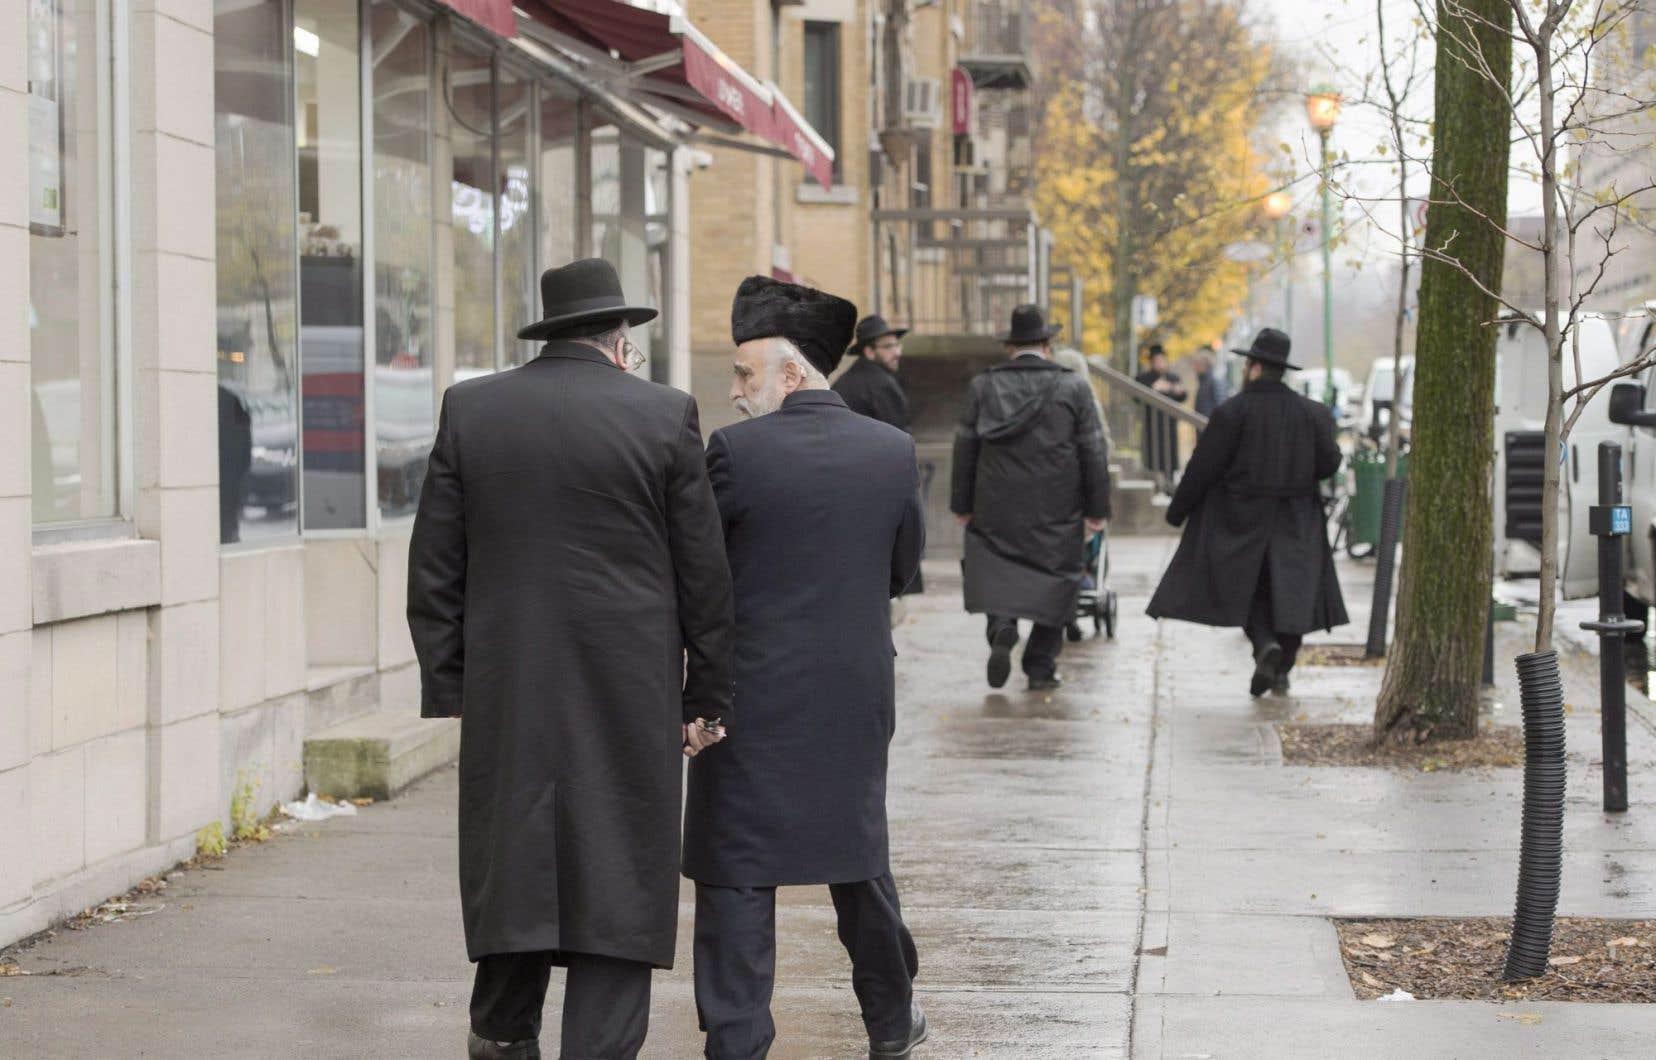 Les tensions s'avivent à certains moments dans ce voisinage entre les hassidim et quelques citoyens qui estiment que cette communauté abuse de son influence.